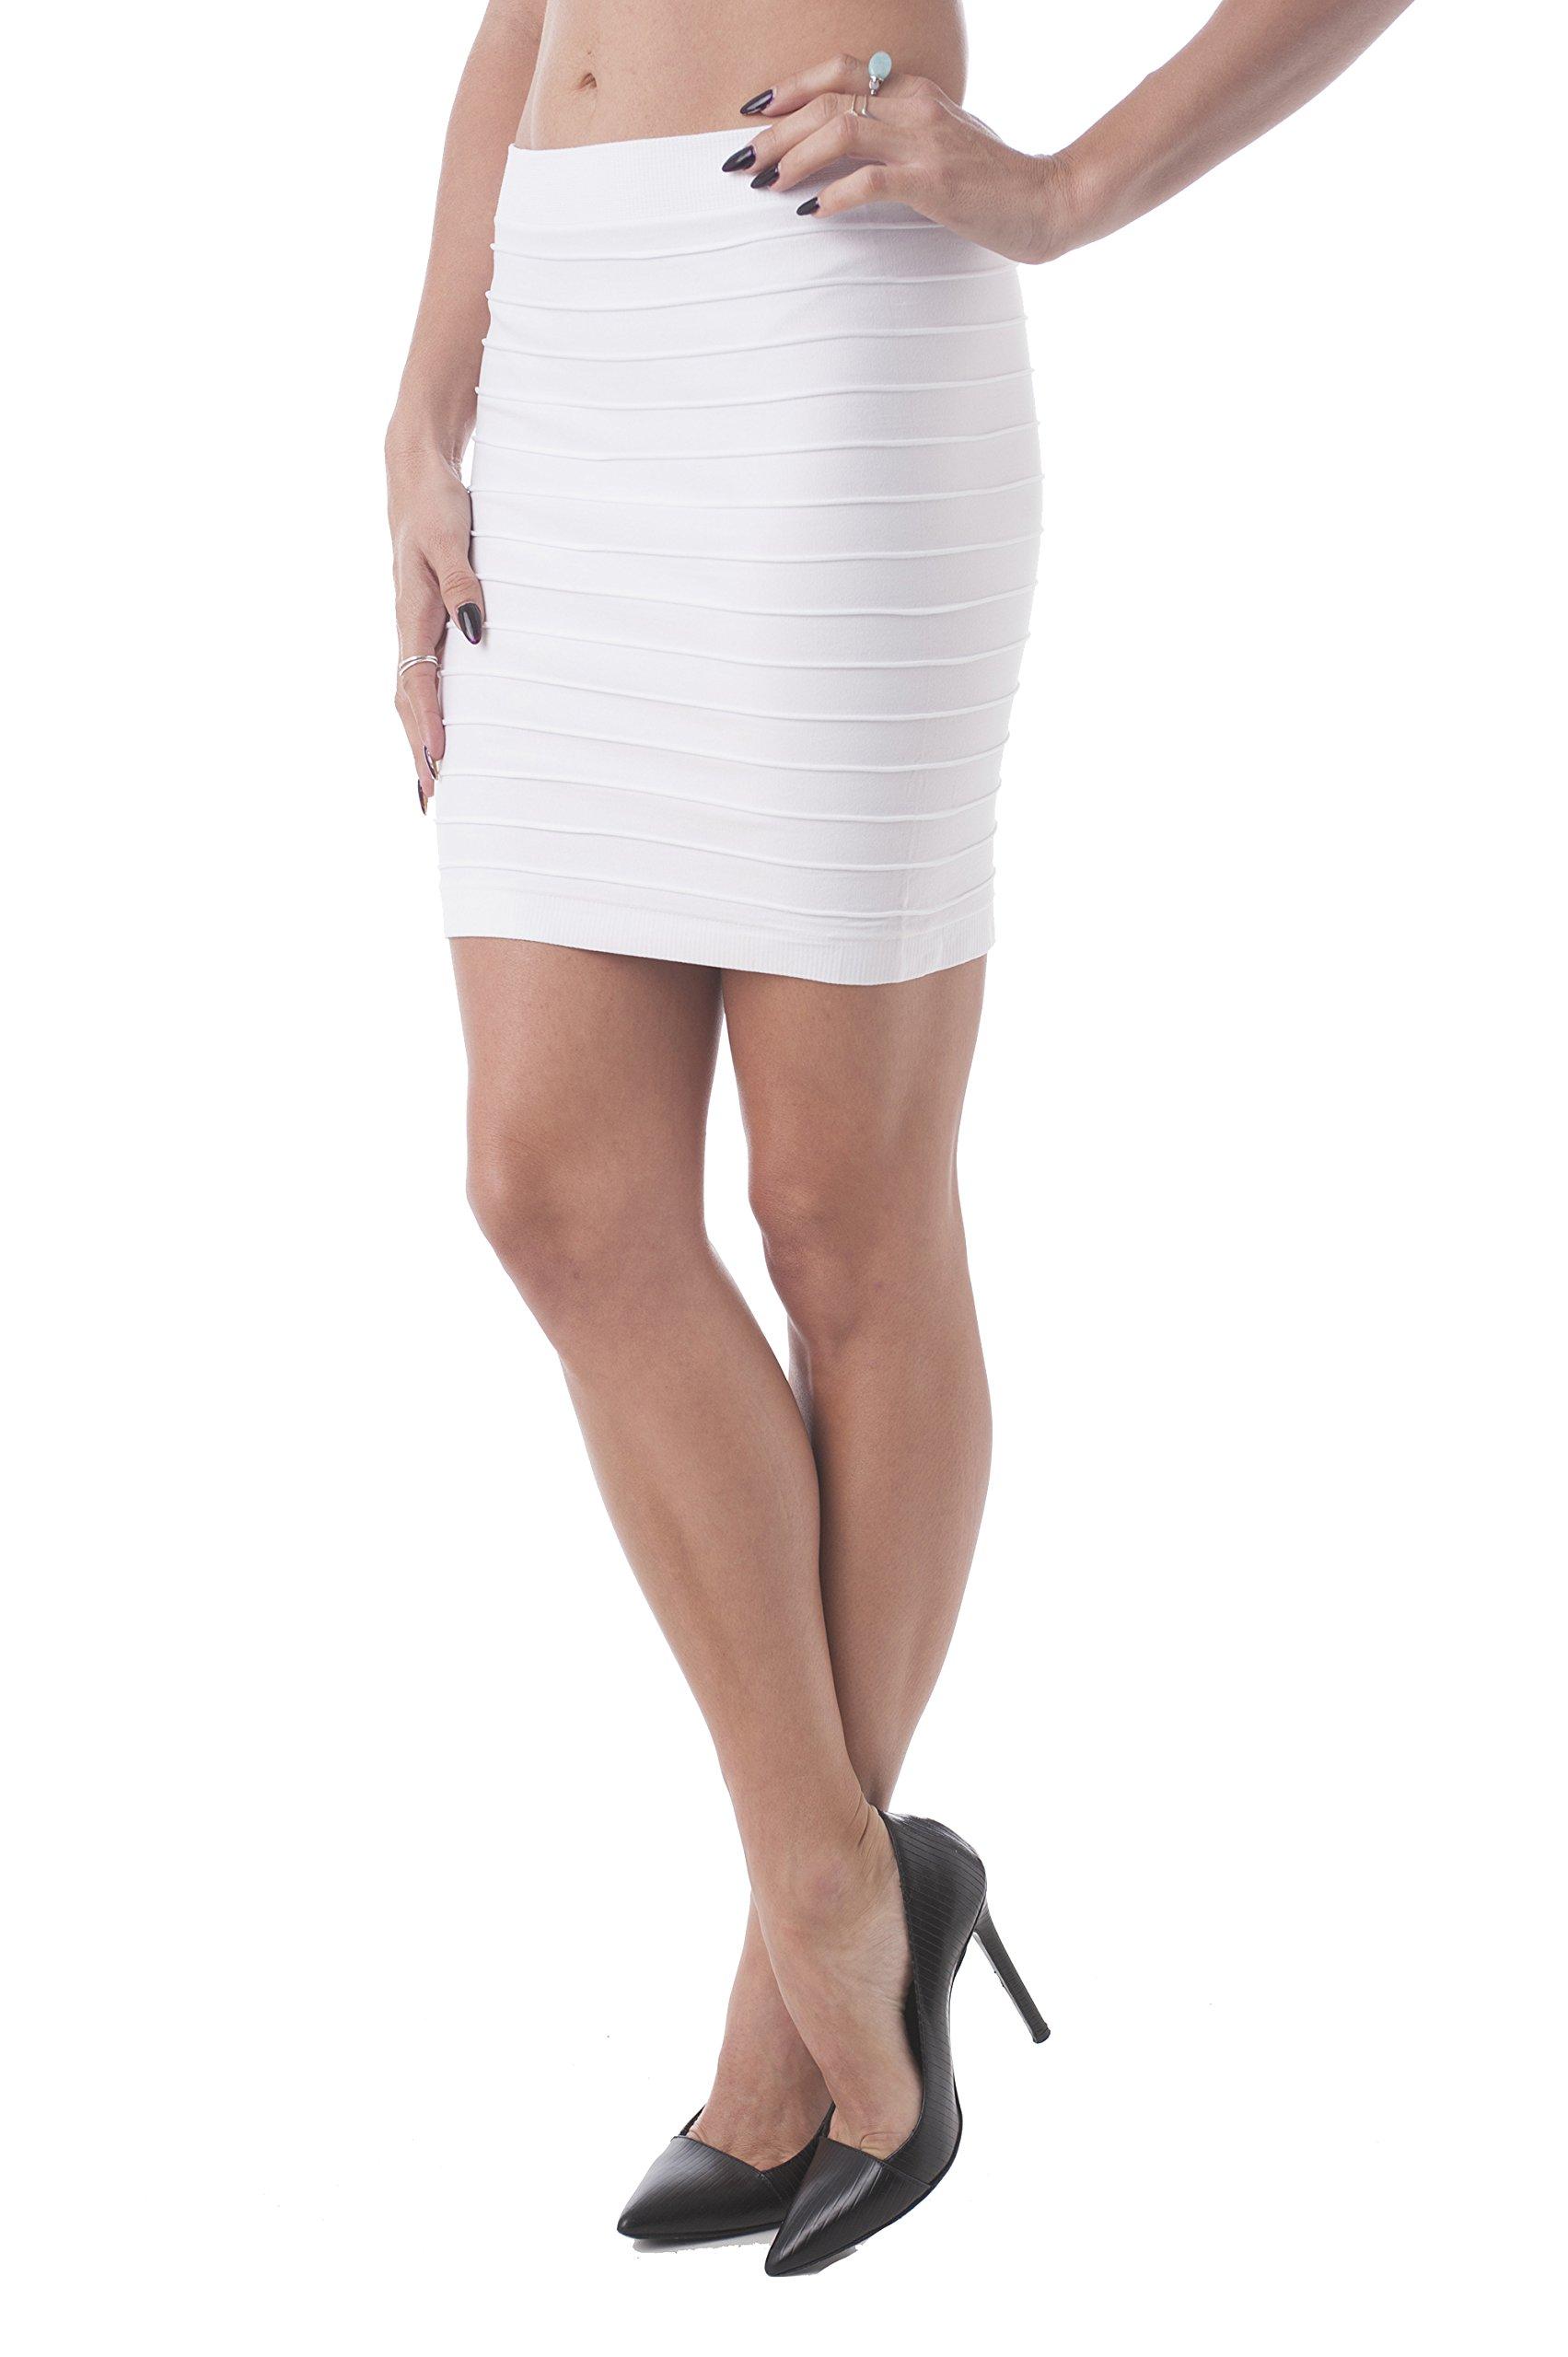 Bandage Style Mini Skirt Knit Stretch Fabric One Size (One Size, Ivory)